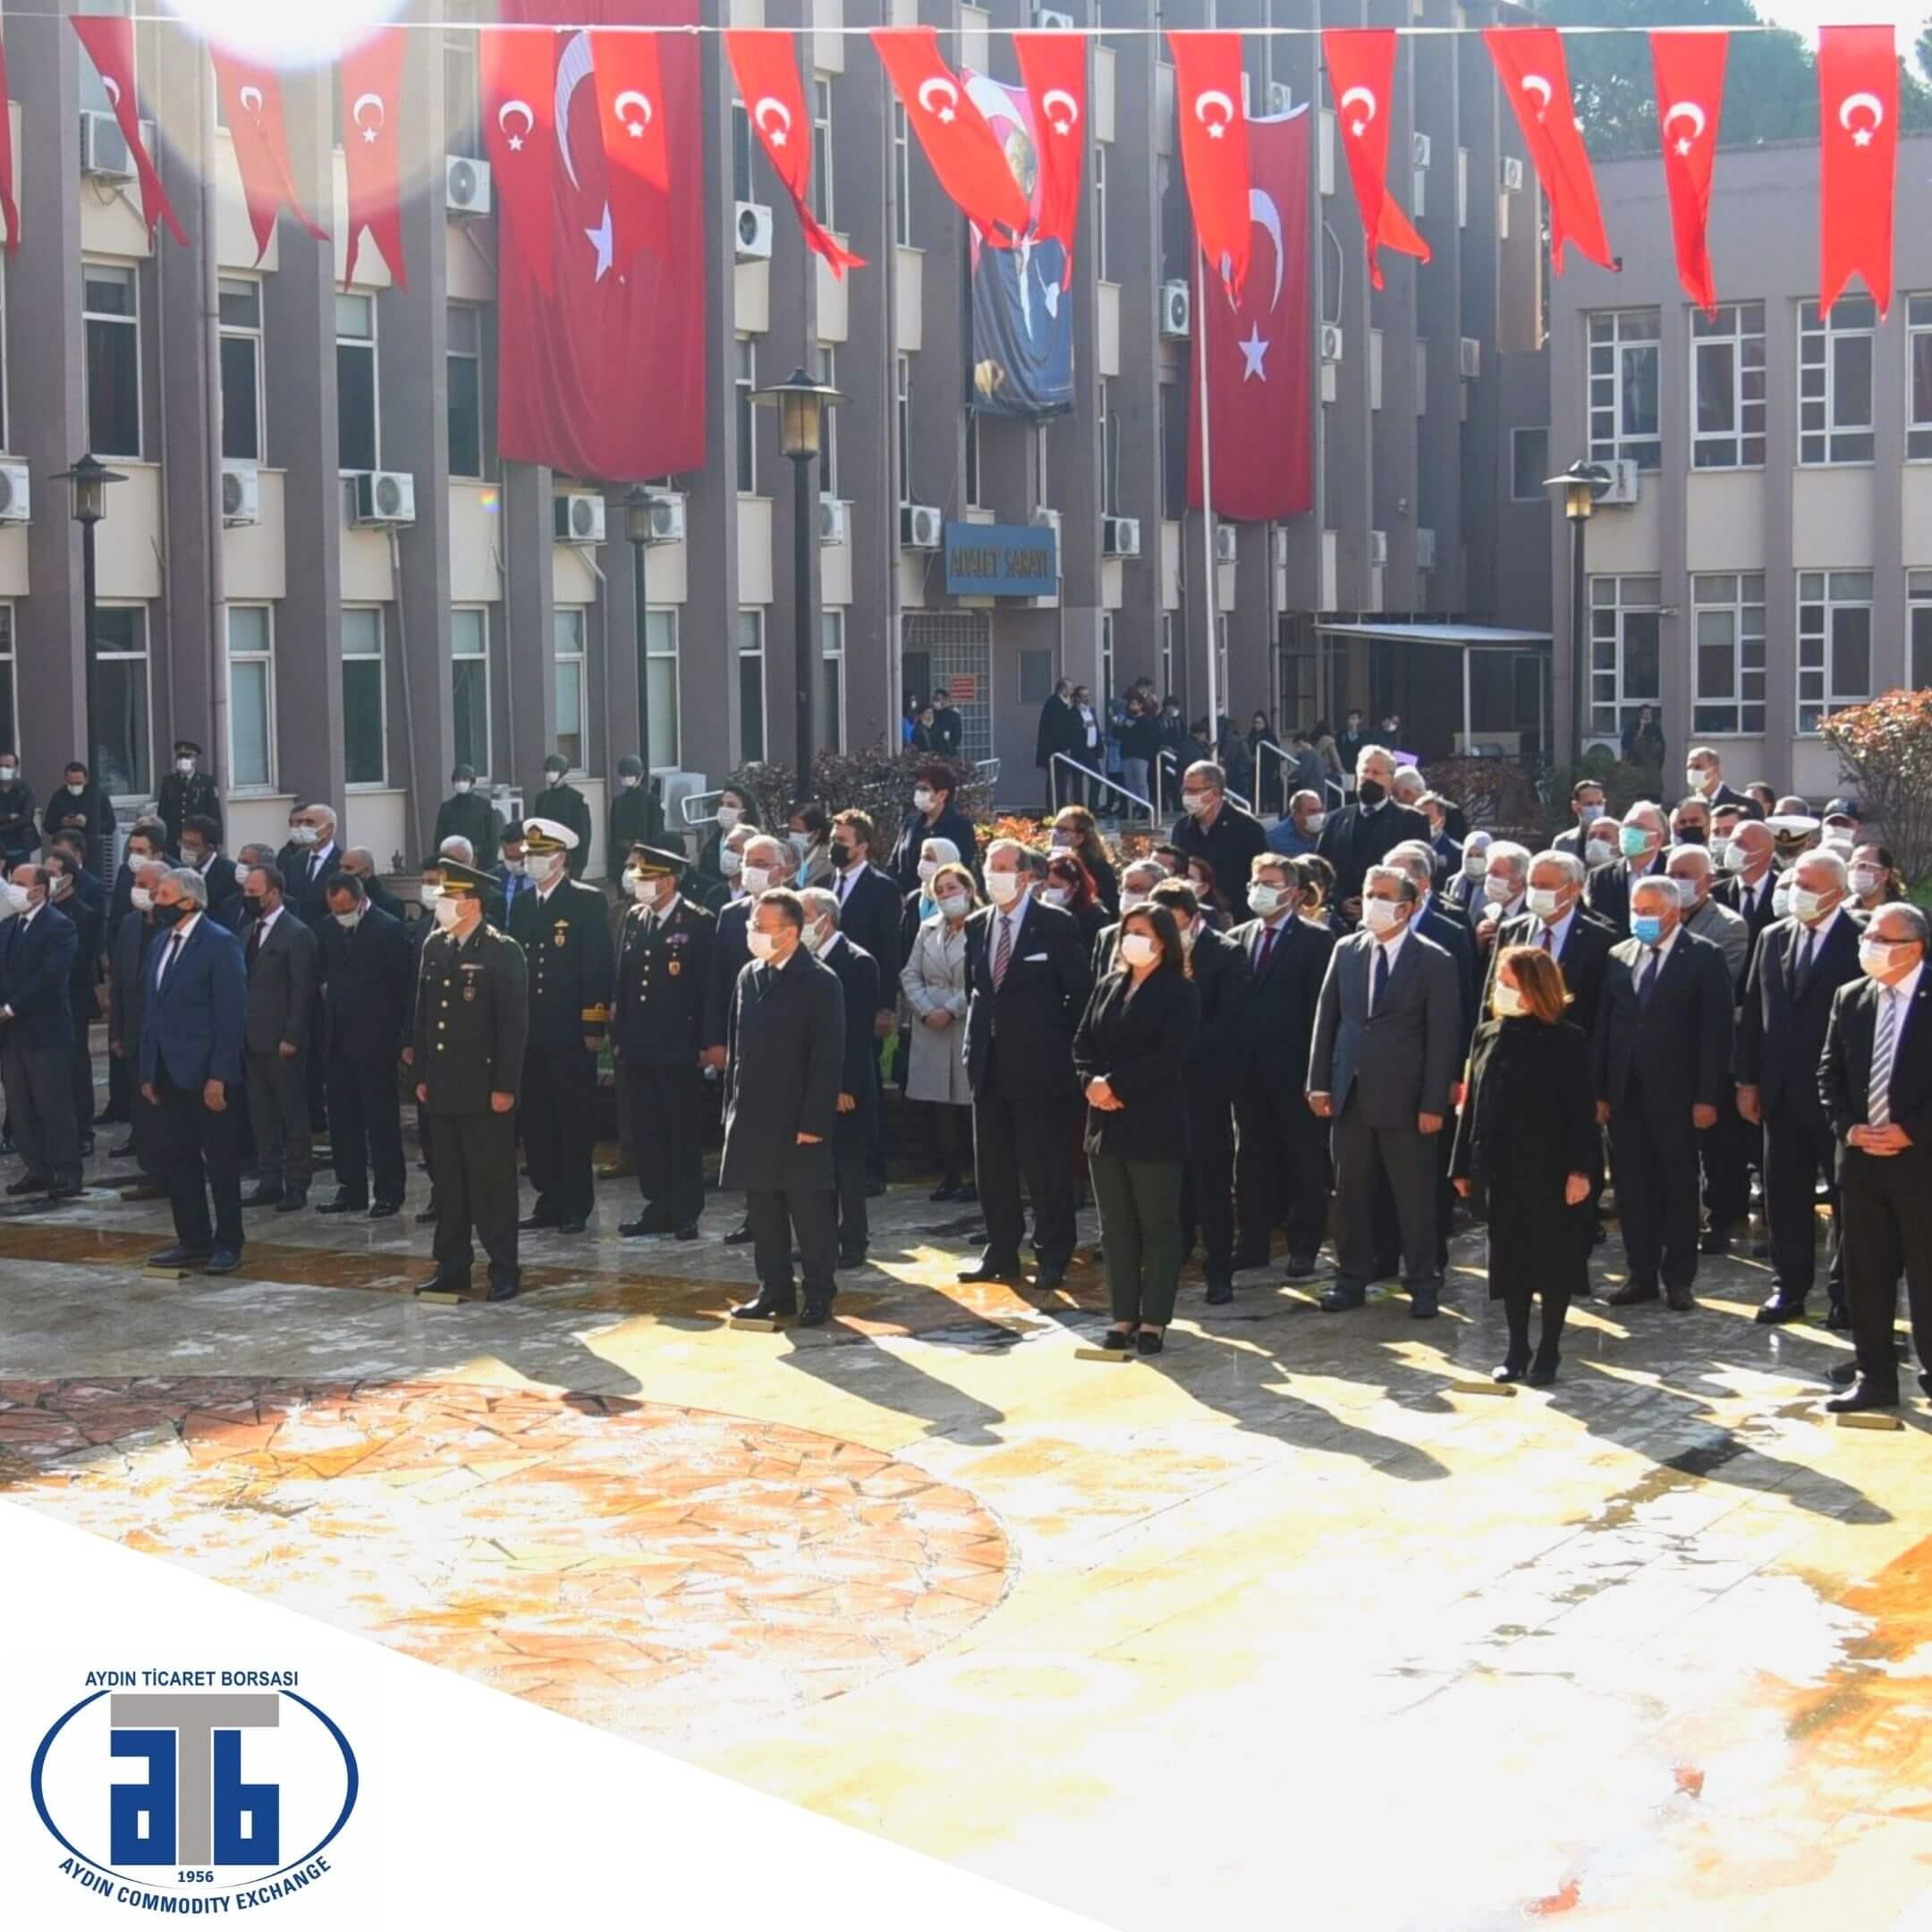 18.03.2021 Aydın Ticaret Borsası Meclis Başkanı A.Bahri Erdel, 18 Mart Şehitler Günü ve Çanakkale Zaferi'nin 106. Yıl dönümü Dolayısıyla Düzenlenen Anma Programı'na Katıldı